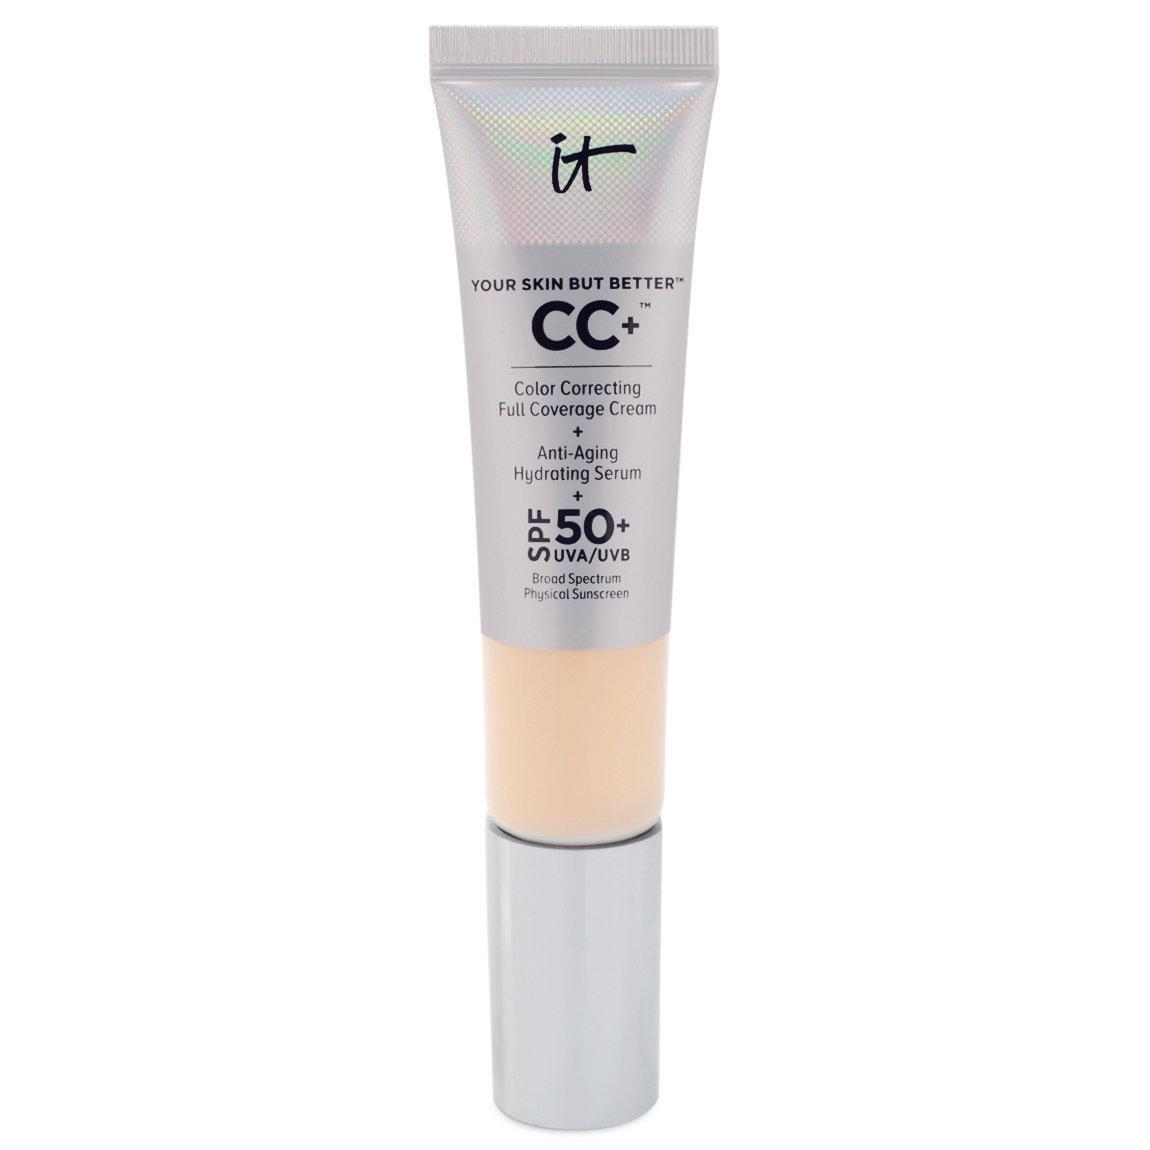 IT Cosmetics CC+ Color Correcting Full Coverage Cream Fair Light 32ml